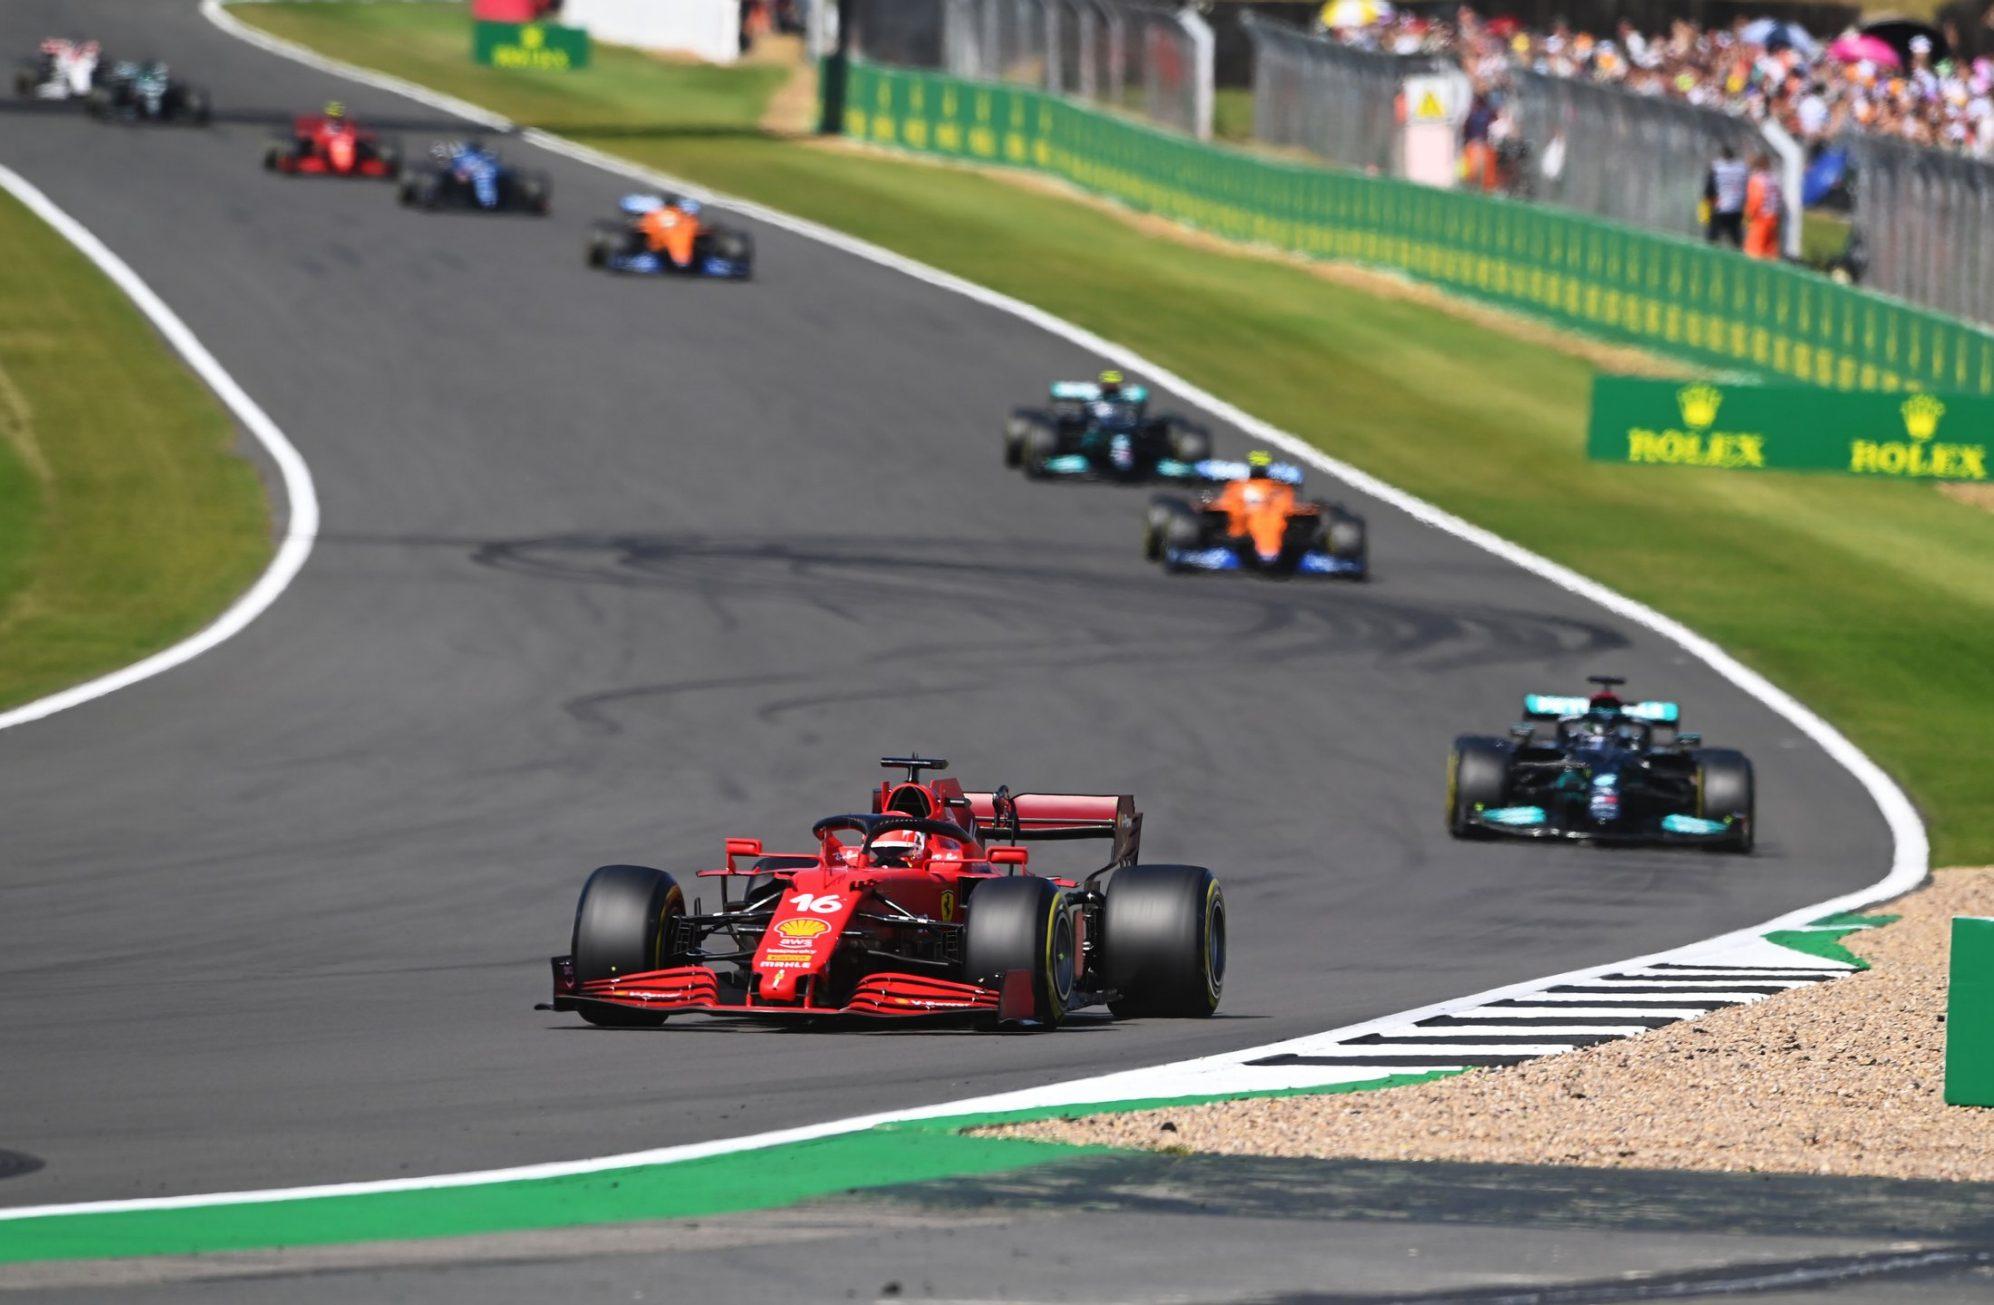 Hamilton chiến thắng trên sân nhà Silverstone -0